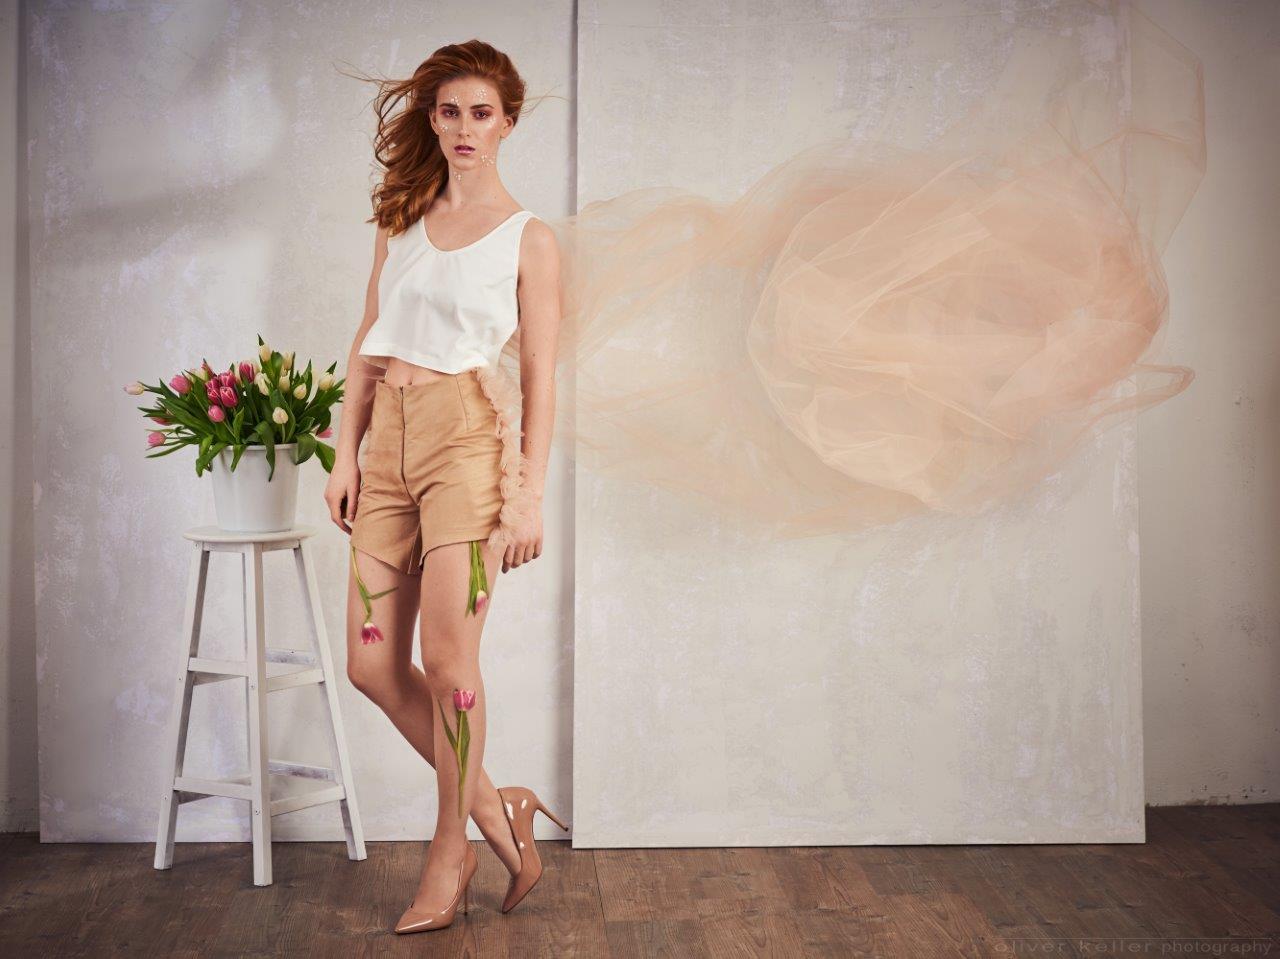 Fahmoda, deutsche Modeschule, Lookbookfoto, Modedesigner-Ausbildung, Ausbildung im Maßschneider- Handwerk, Modedesigner, Bachelor und BWL-Studium